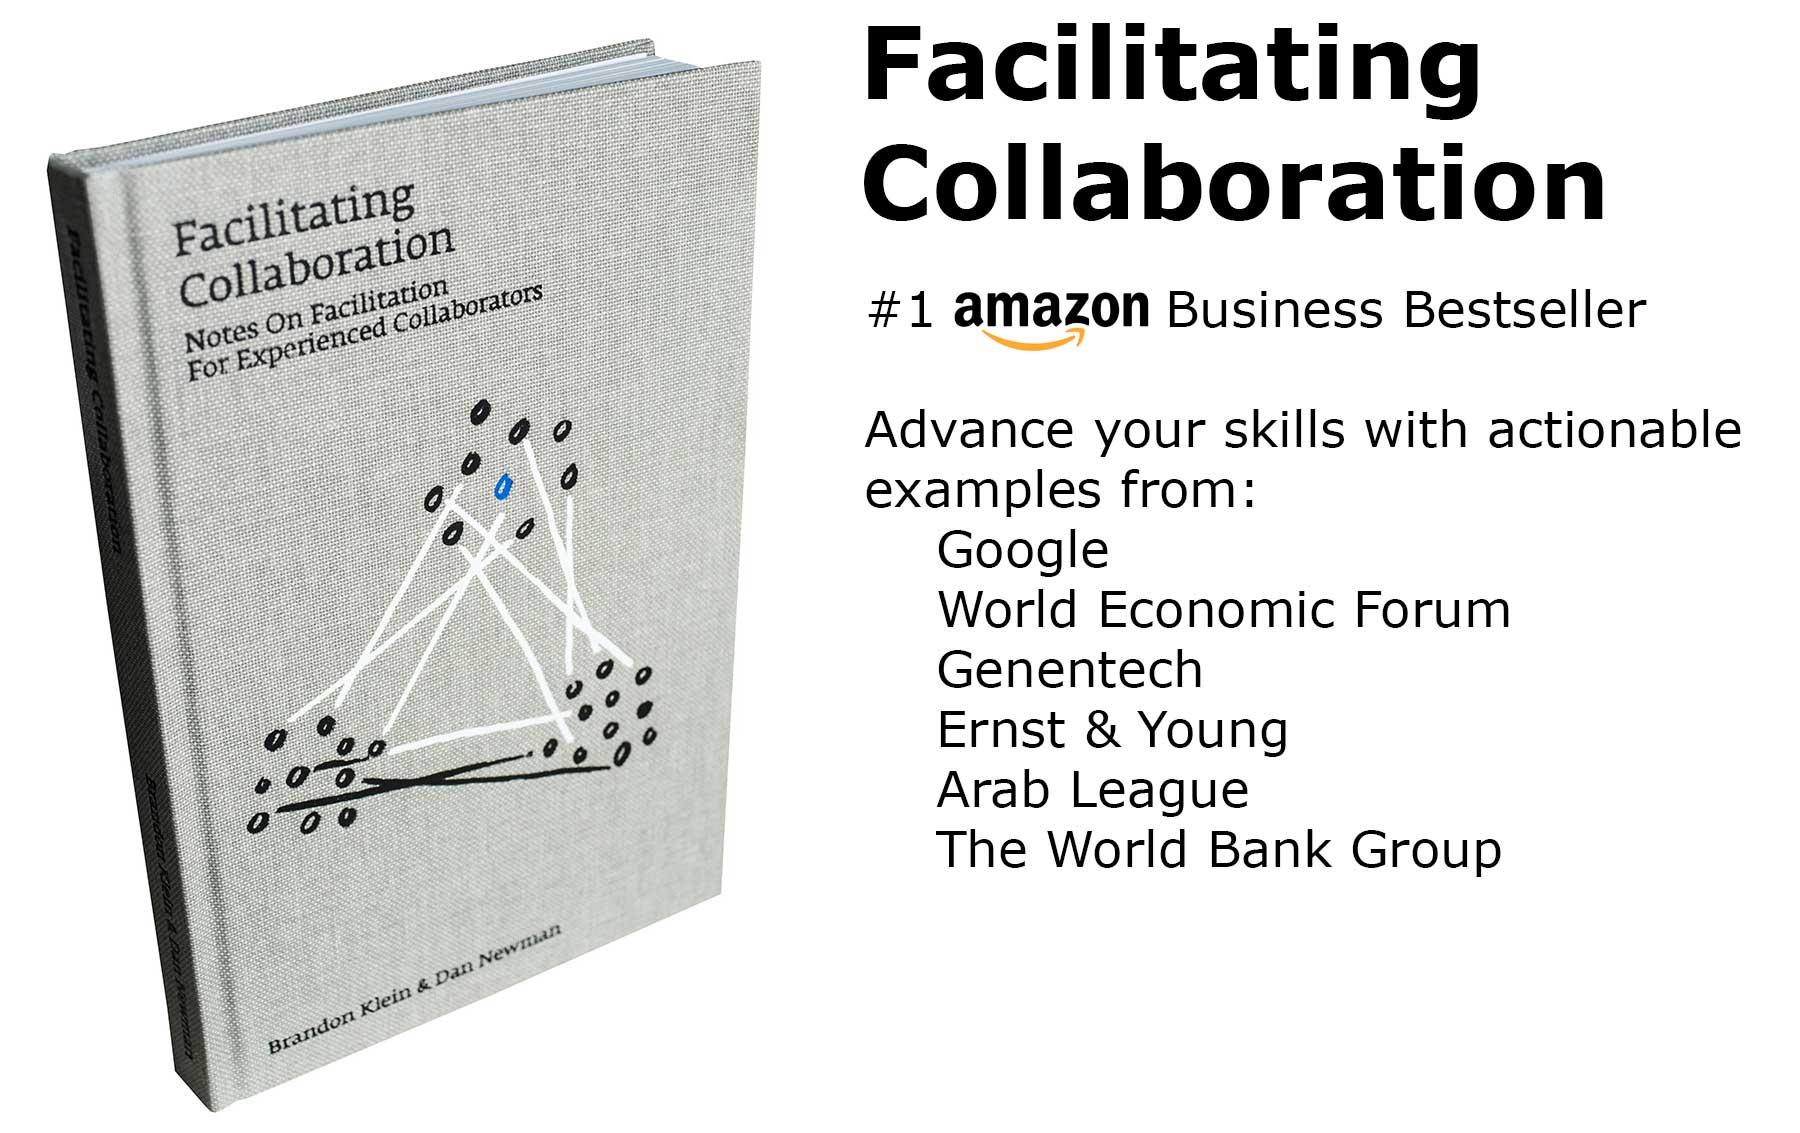 facilitating-collaboration-small-image.jpg